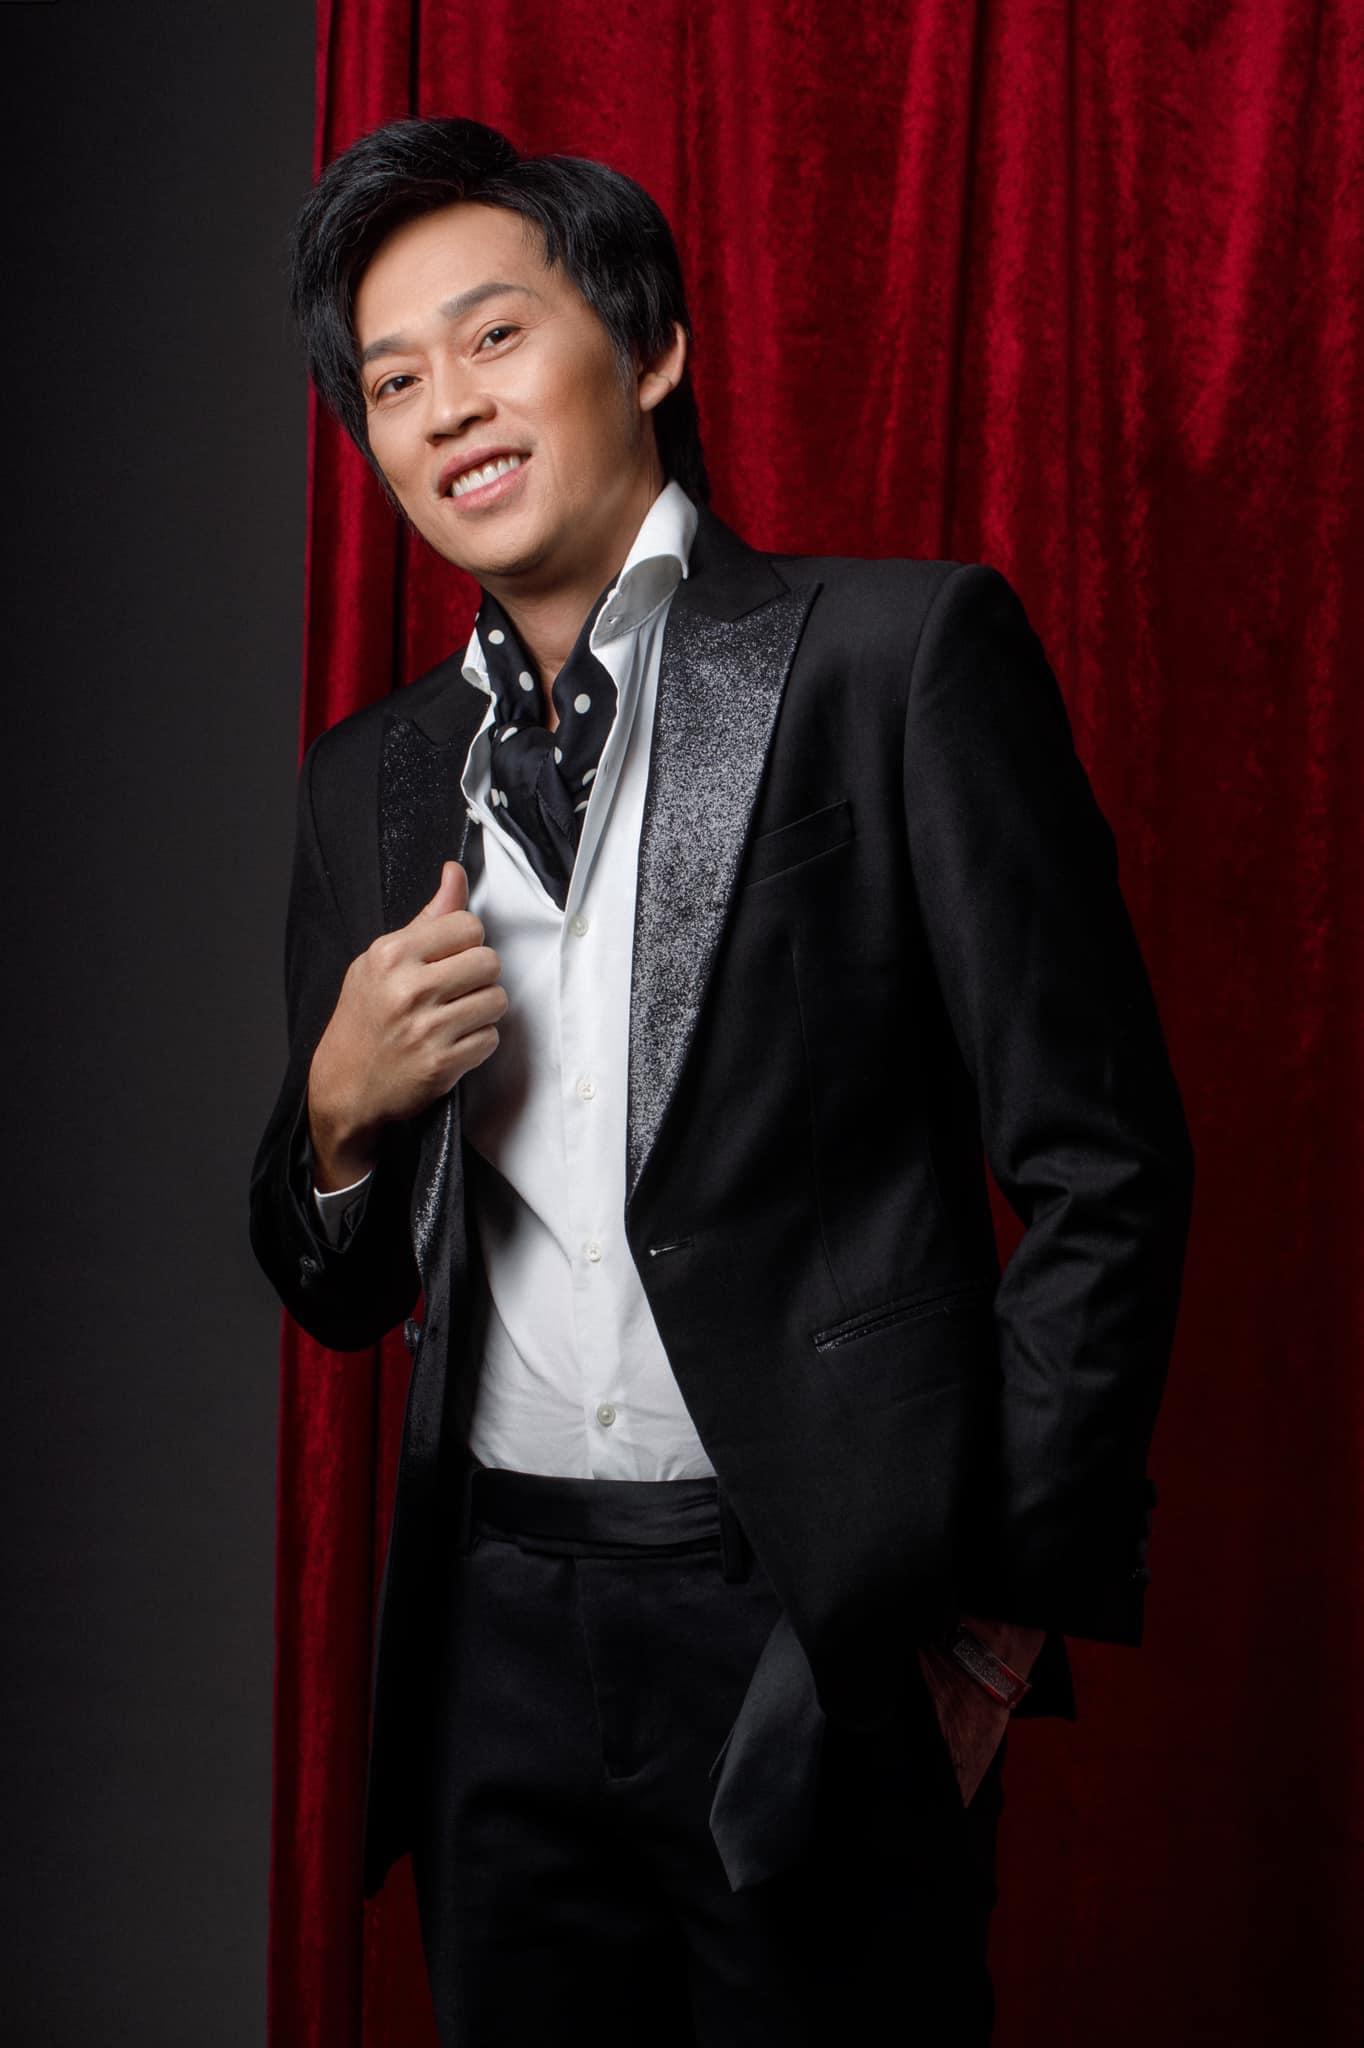 """Hoài Linh chưa chuyển 14 tỷ từ thiện: """"Choáng"""" với lãi ngân hàng gửi trong 6 tháng - 1"""